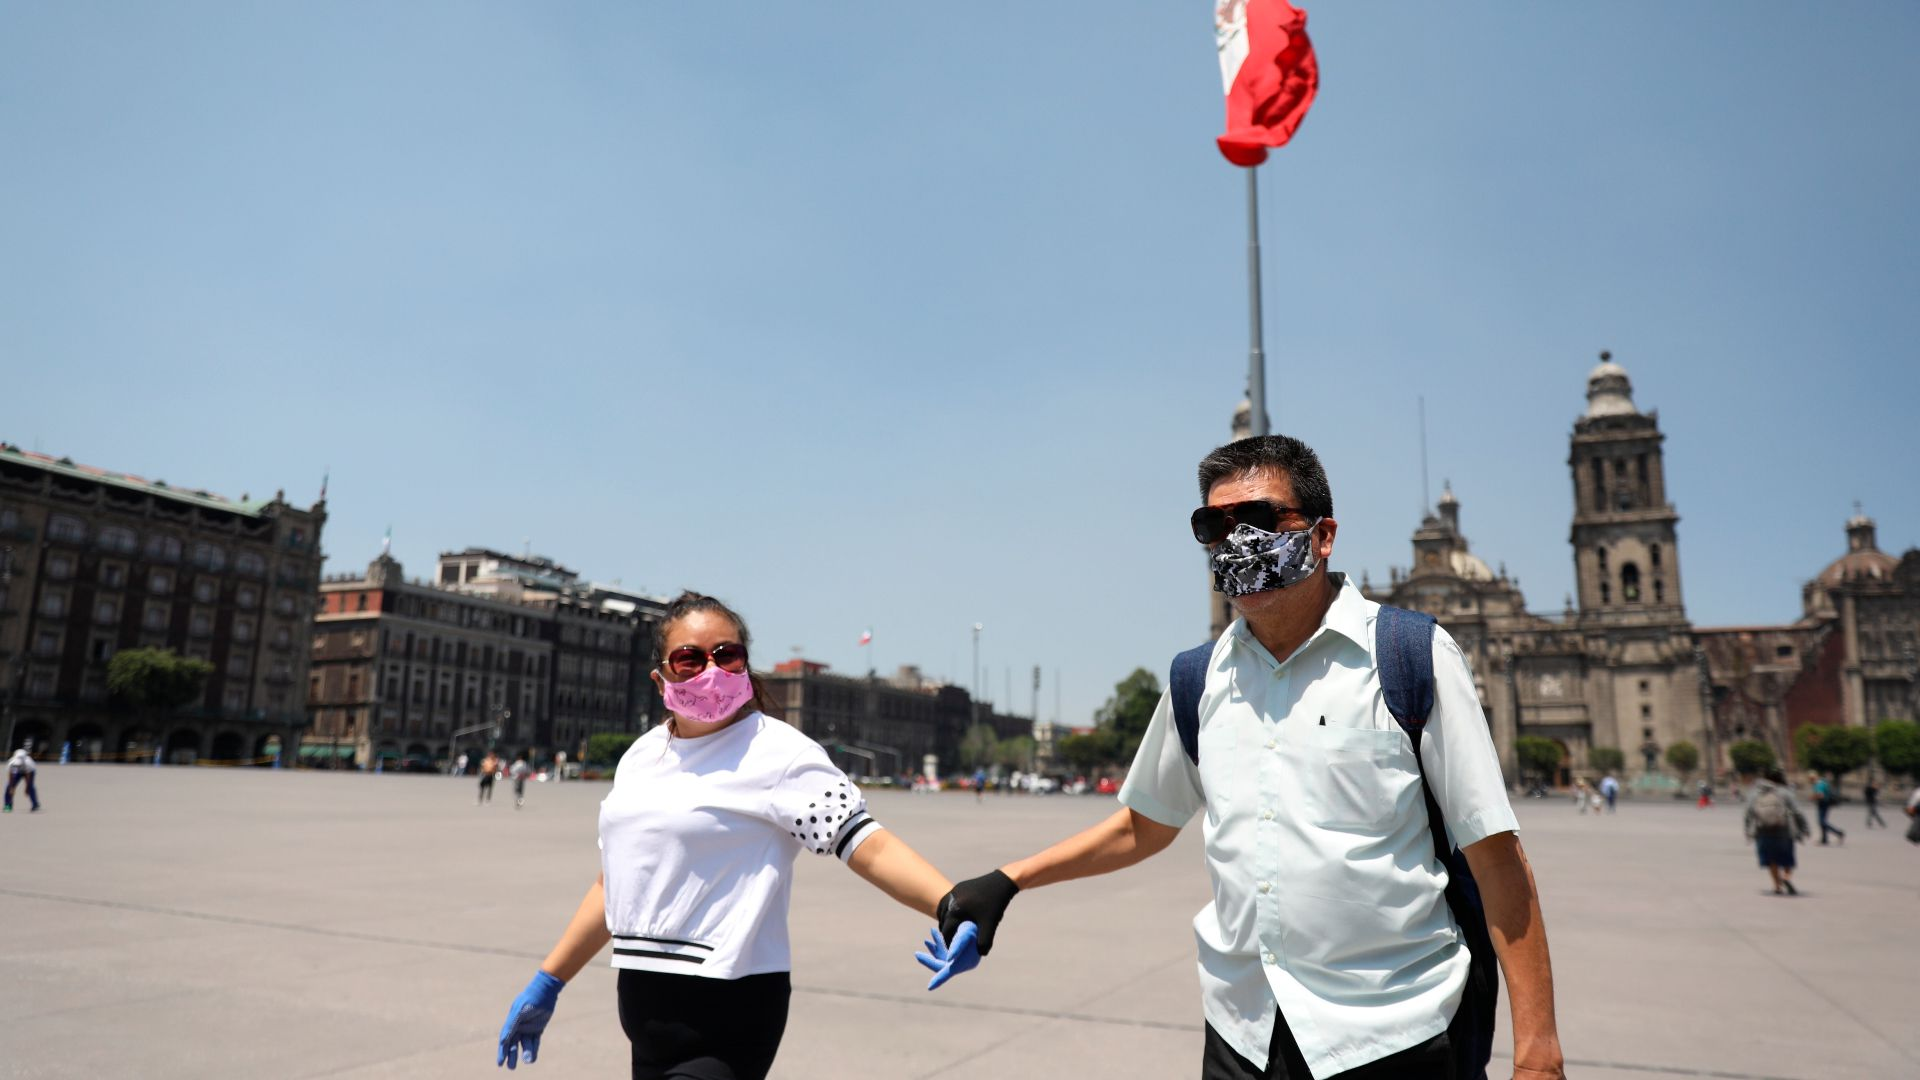 Hasta ahora se han confirmado 475 casos de coronavirus en México y siete decesos por el padecimiento (Foto: Sáshenka Gutiérrez/ EFE)